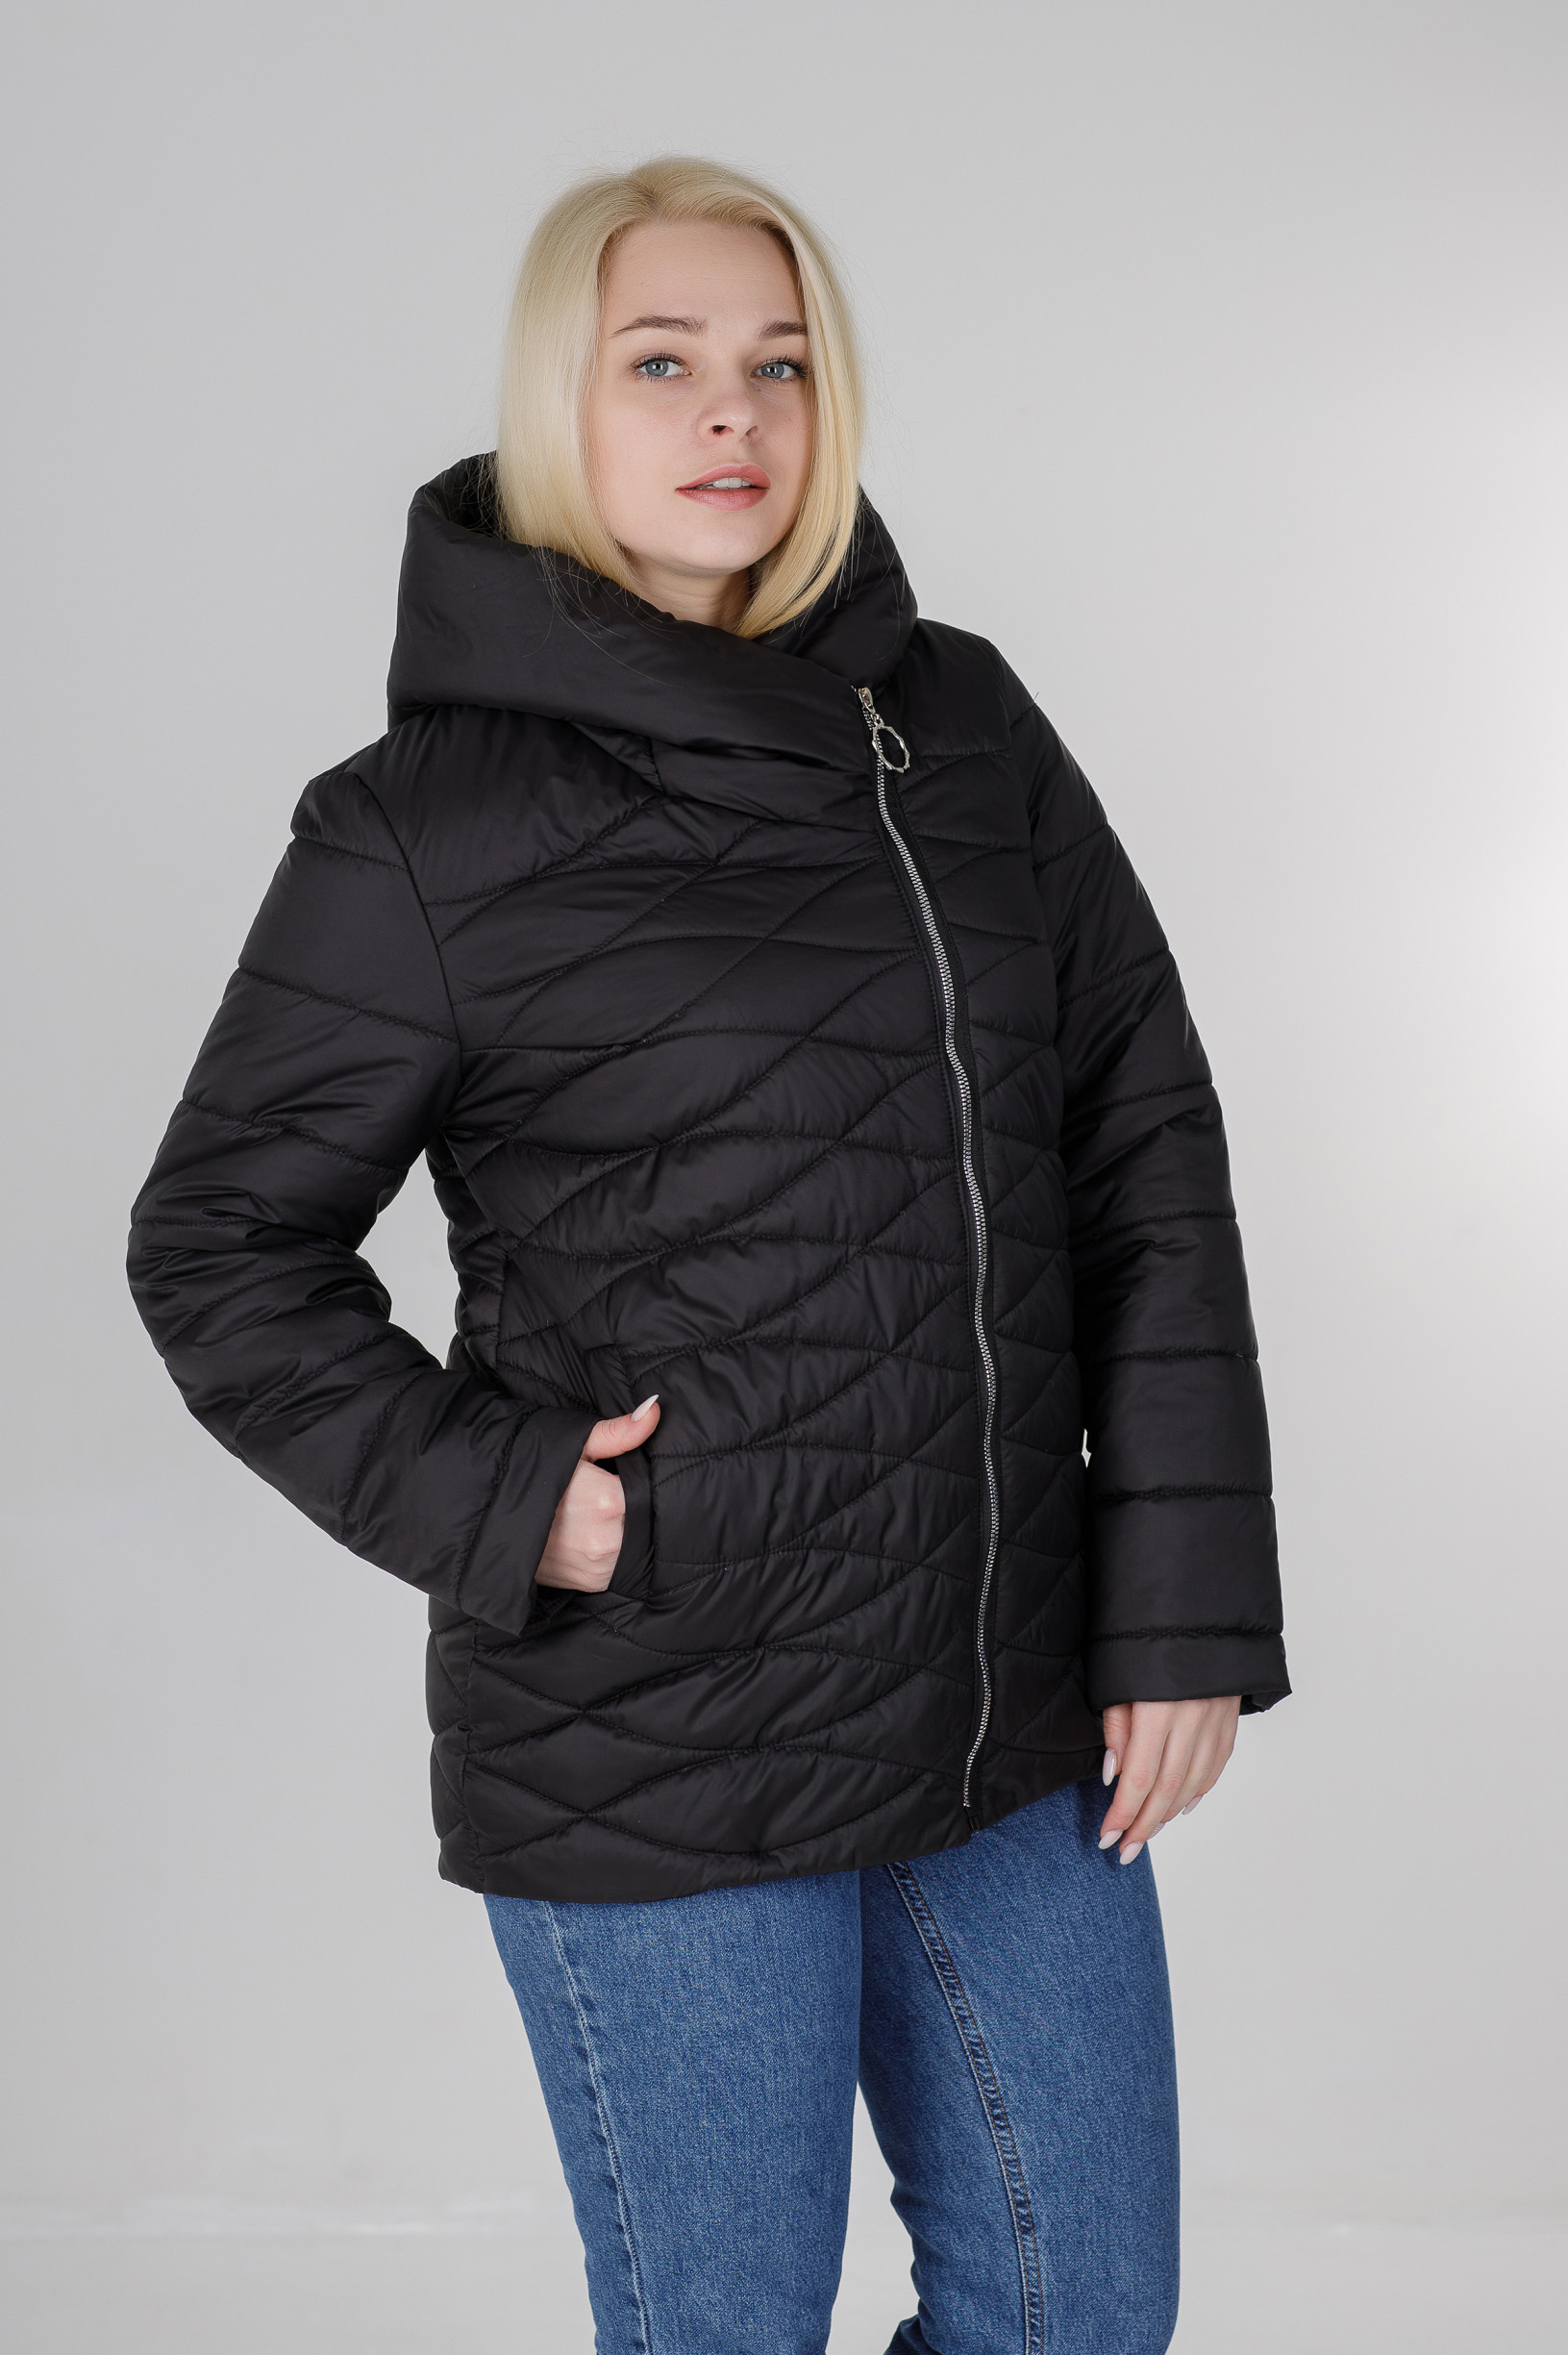 Ассиметричная демисезонная женская куртка Надин чёрная